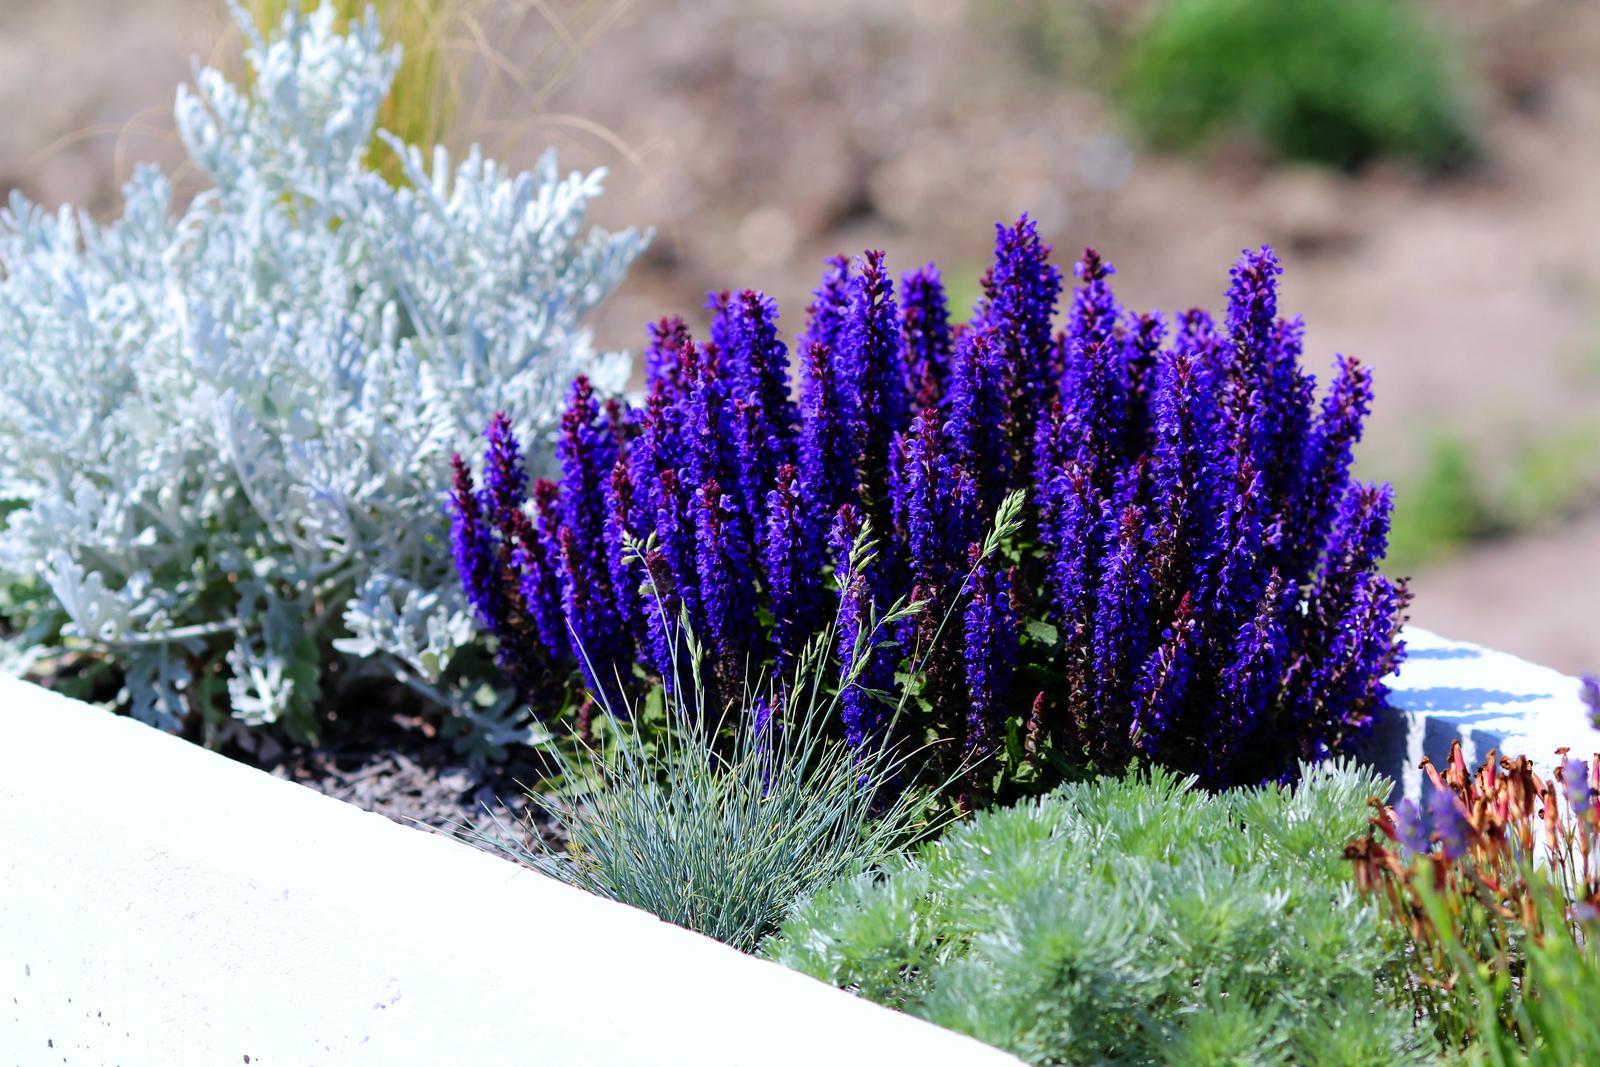 Modern Garden Linear324 - naša prímorská - az nechapeme tej farbe ktoru dava salvia .... ,musim si ju nastepit, takuto som snad nevidel nikde predavat